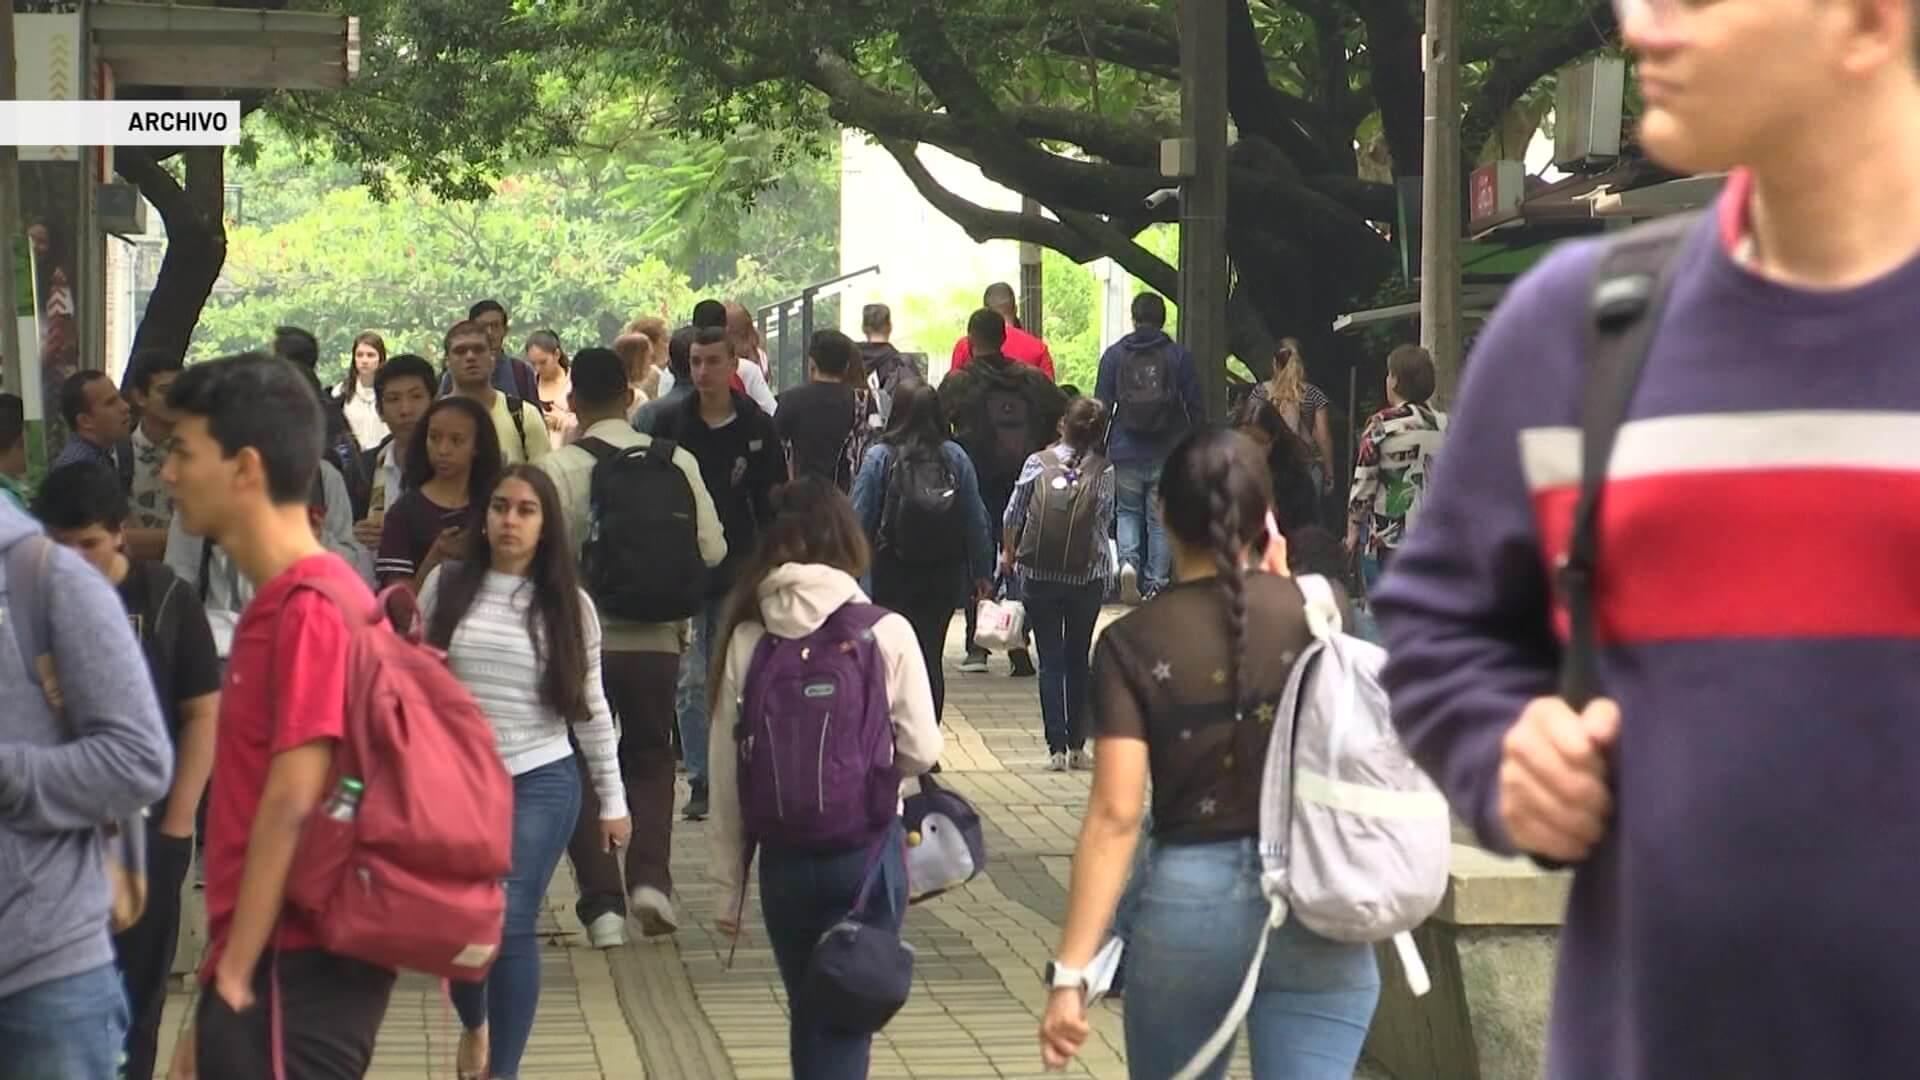 Universidades piden vacunas para sus estudiantes